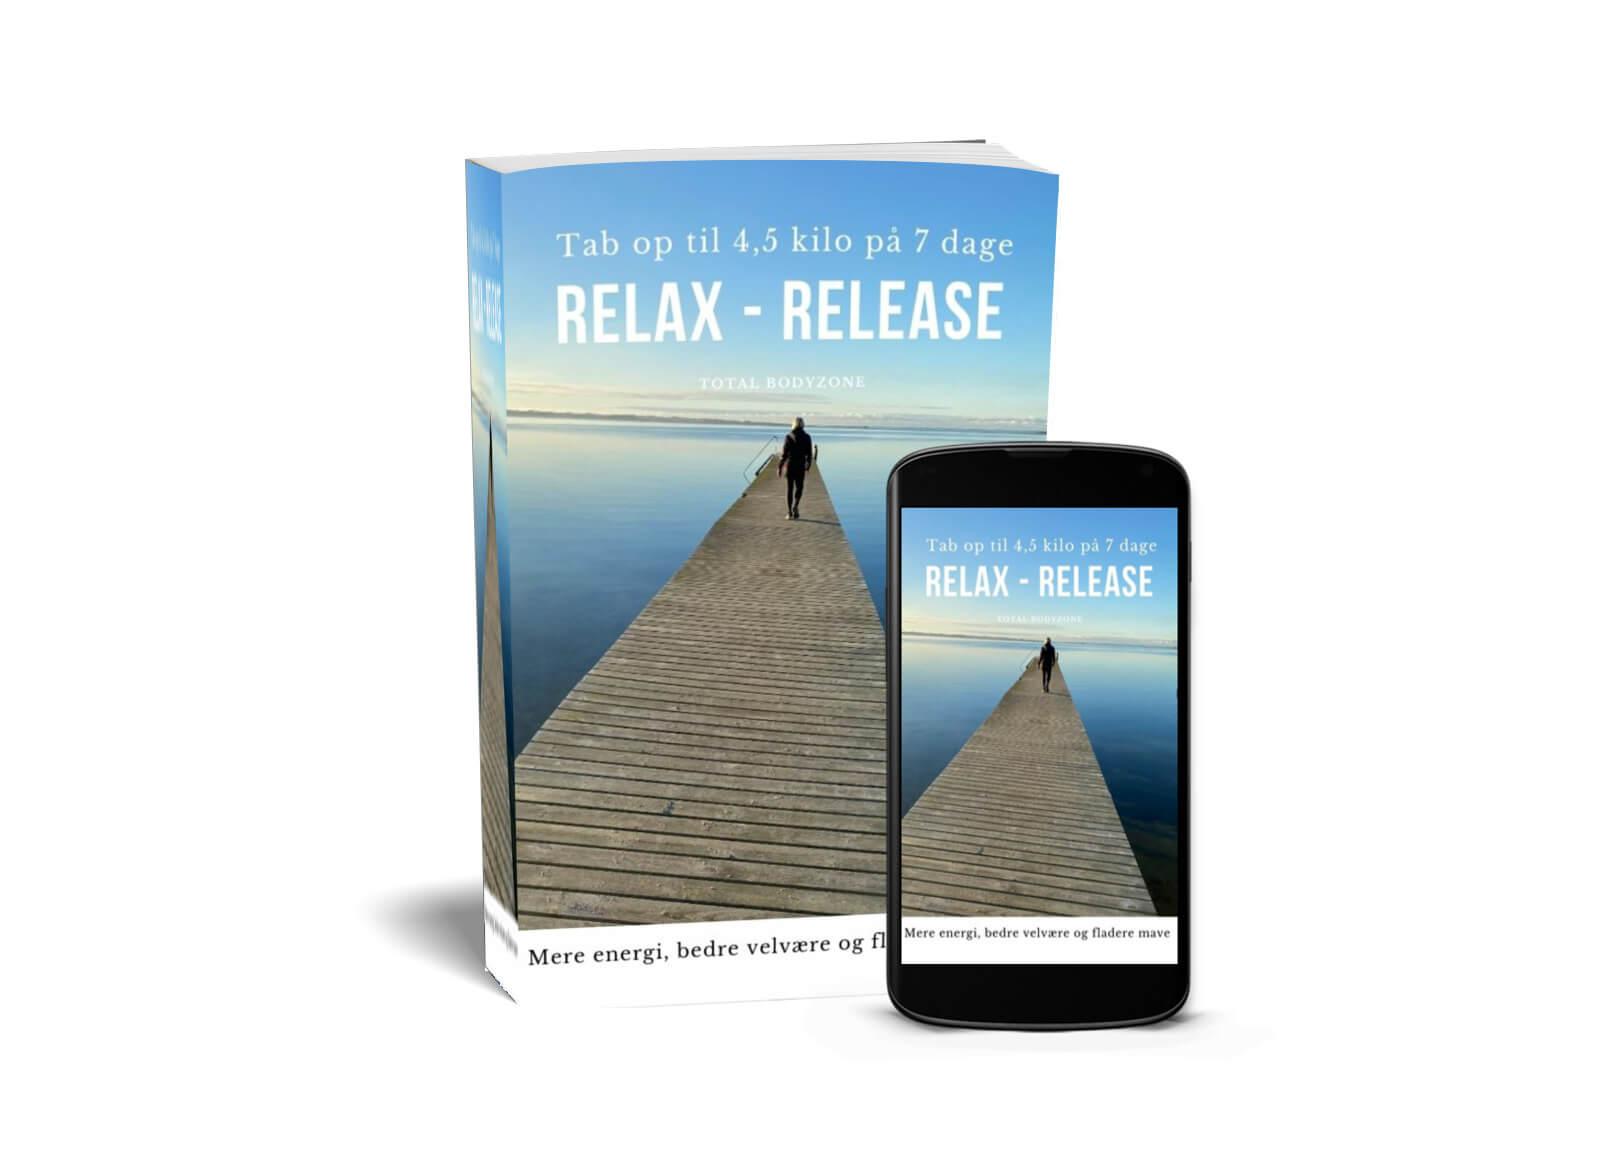 Relax - Realase - Får mere energi, fladere mave og mærk hvor skønt du kan få det på kun 7 dage, selvom du er i overgangsalderen